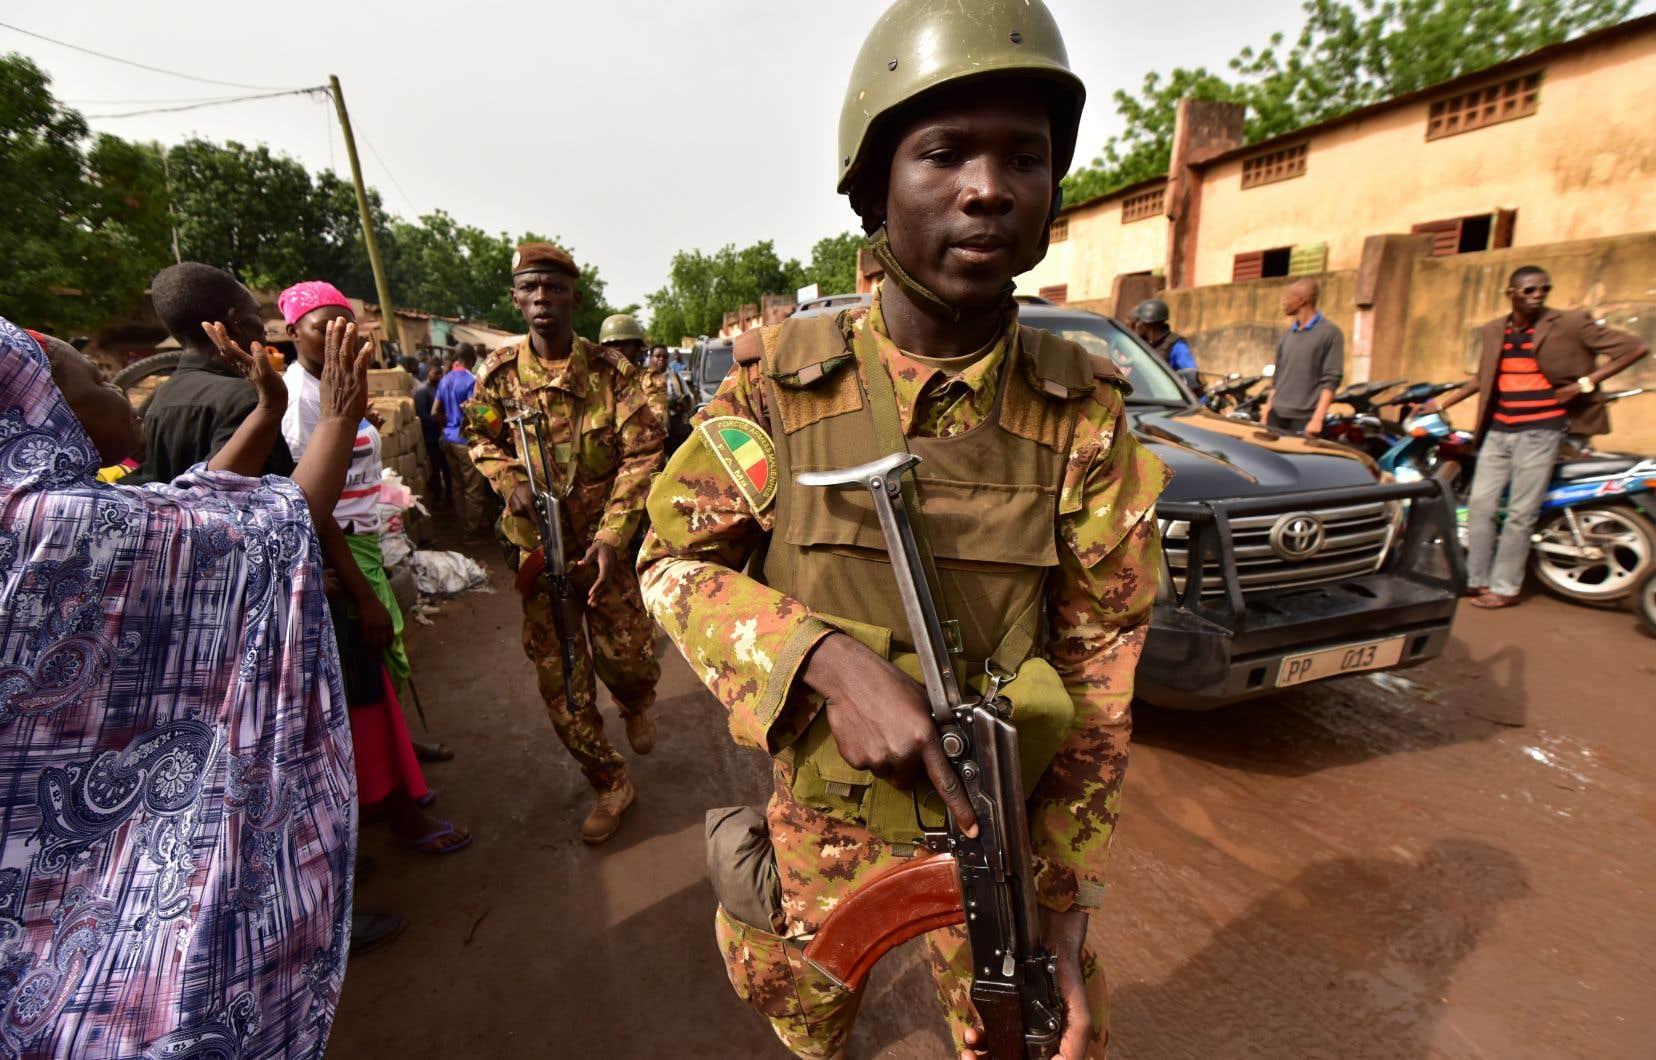 Des soldats escortent le président du Mali sortant, Ibrahim Boubacar Keïta, vers un bureau de vote à Bamako.